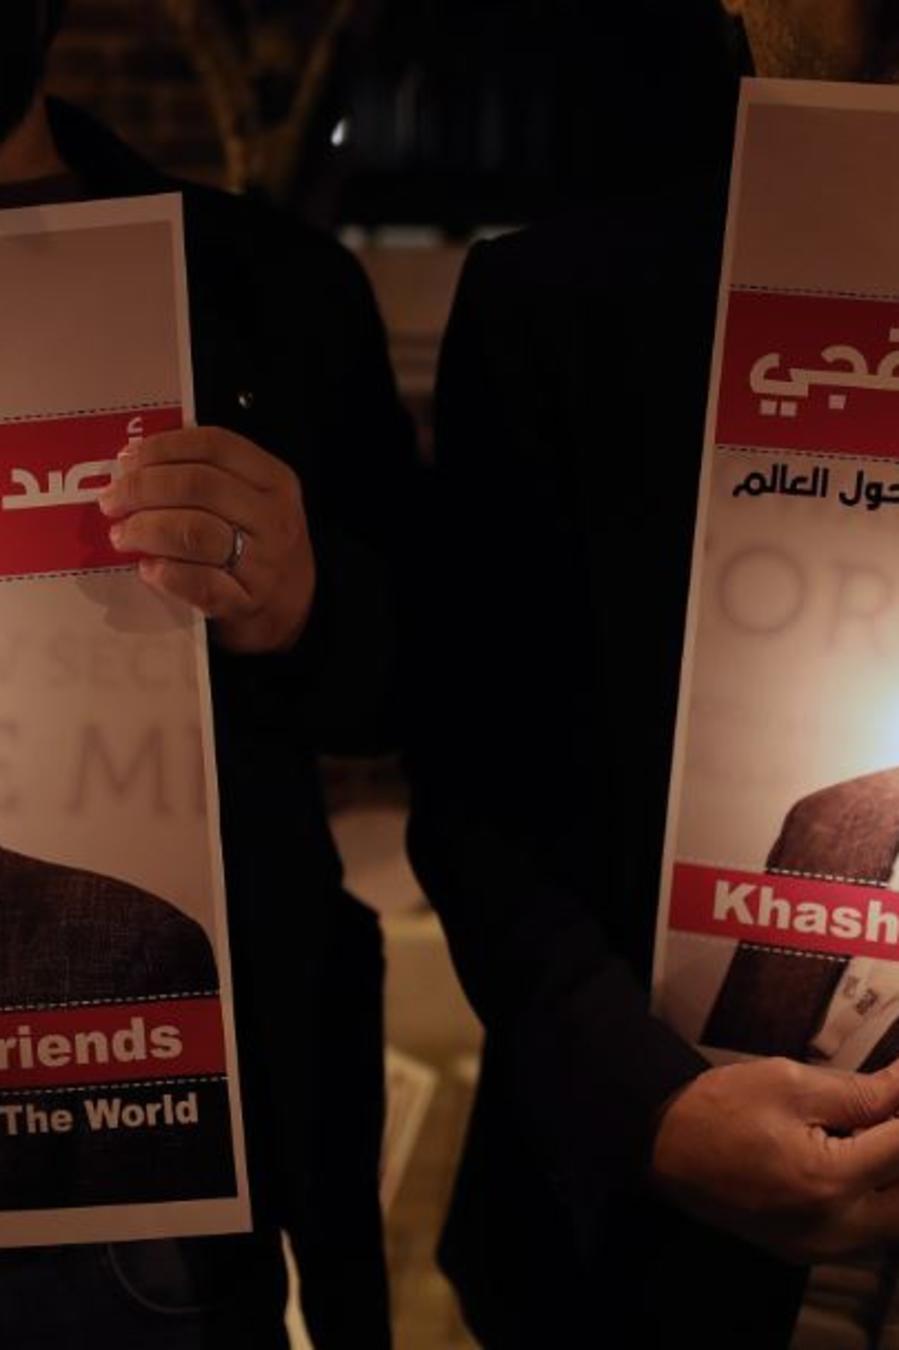 Fotografía de octubre de 2018 que muestra a manifestantes durante una vigilia por el periodista Jamal Khashoggi ante el consulado de Arabia Saudí en Estambul (Turquía).